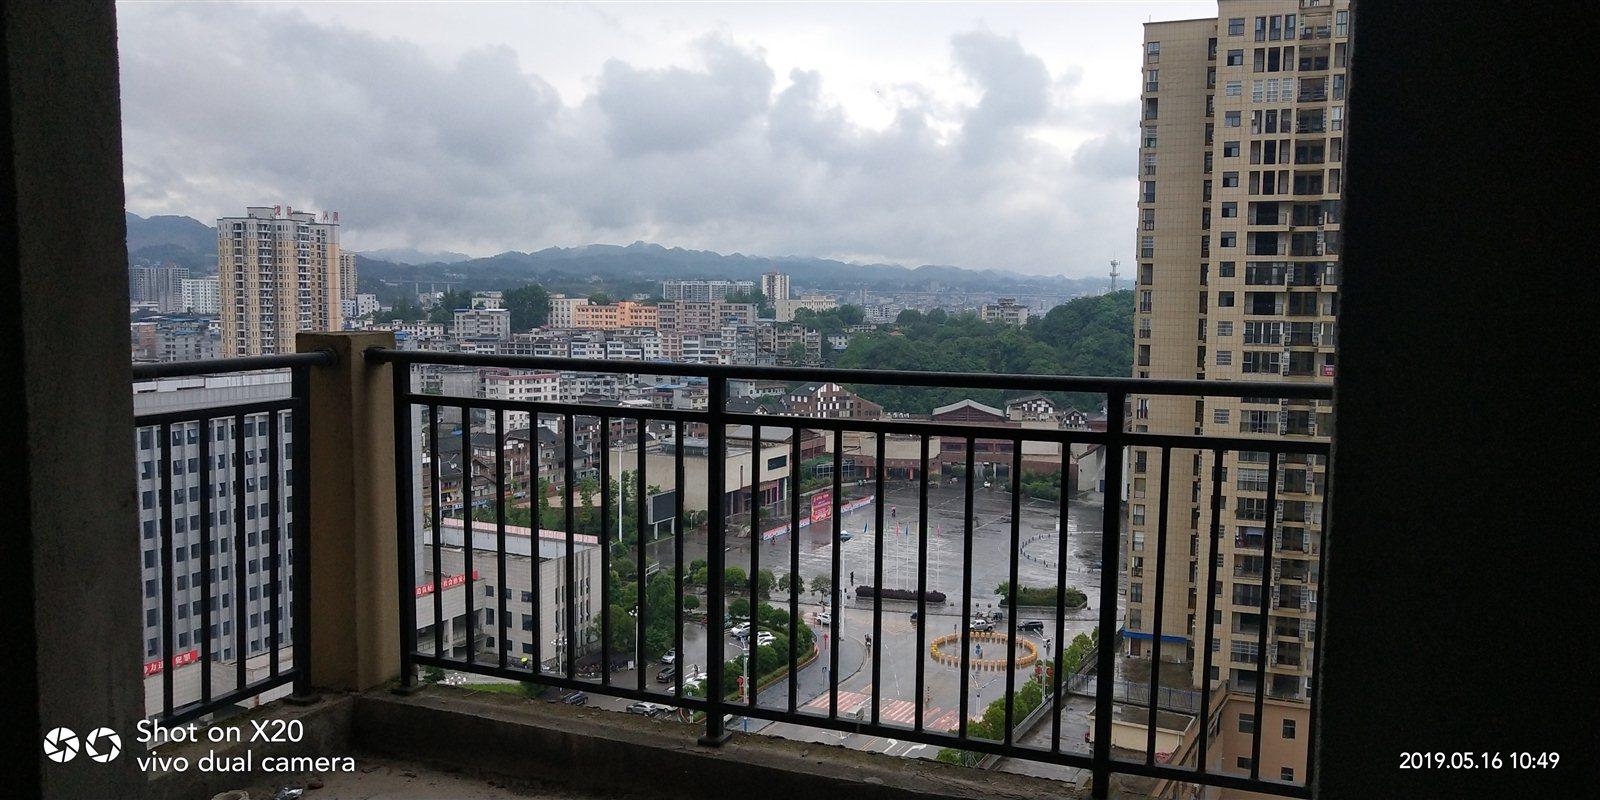 夏威夷毛坯两房,中间楼层45.8万元